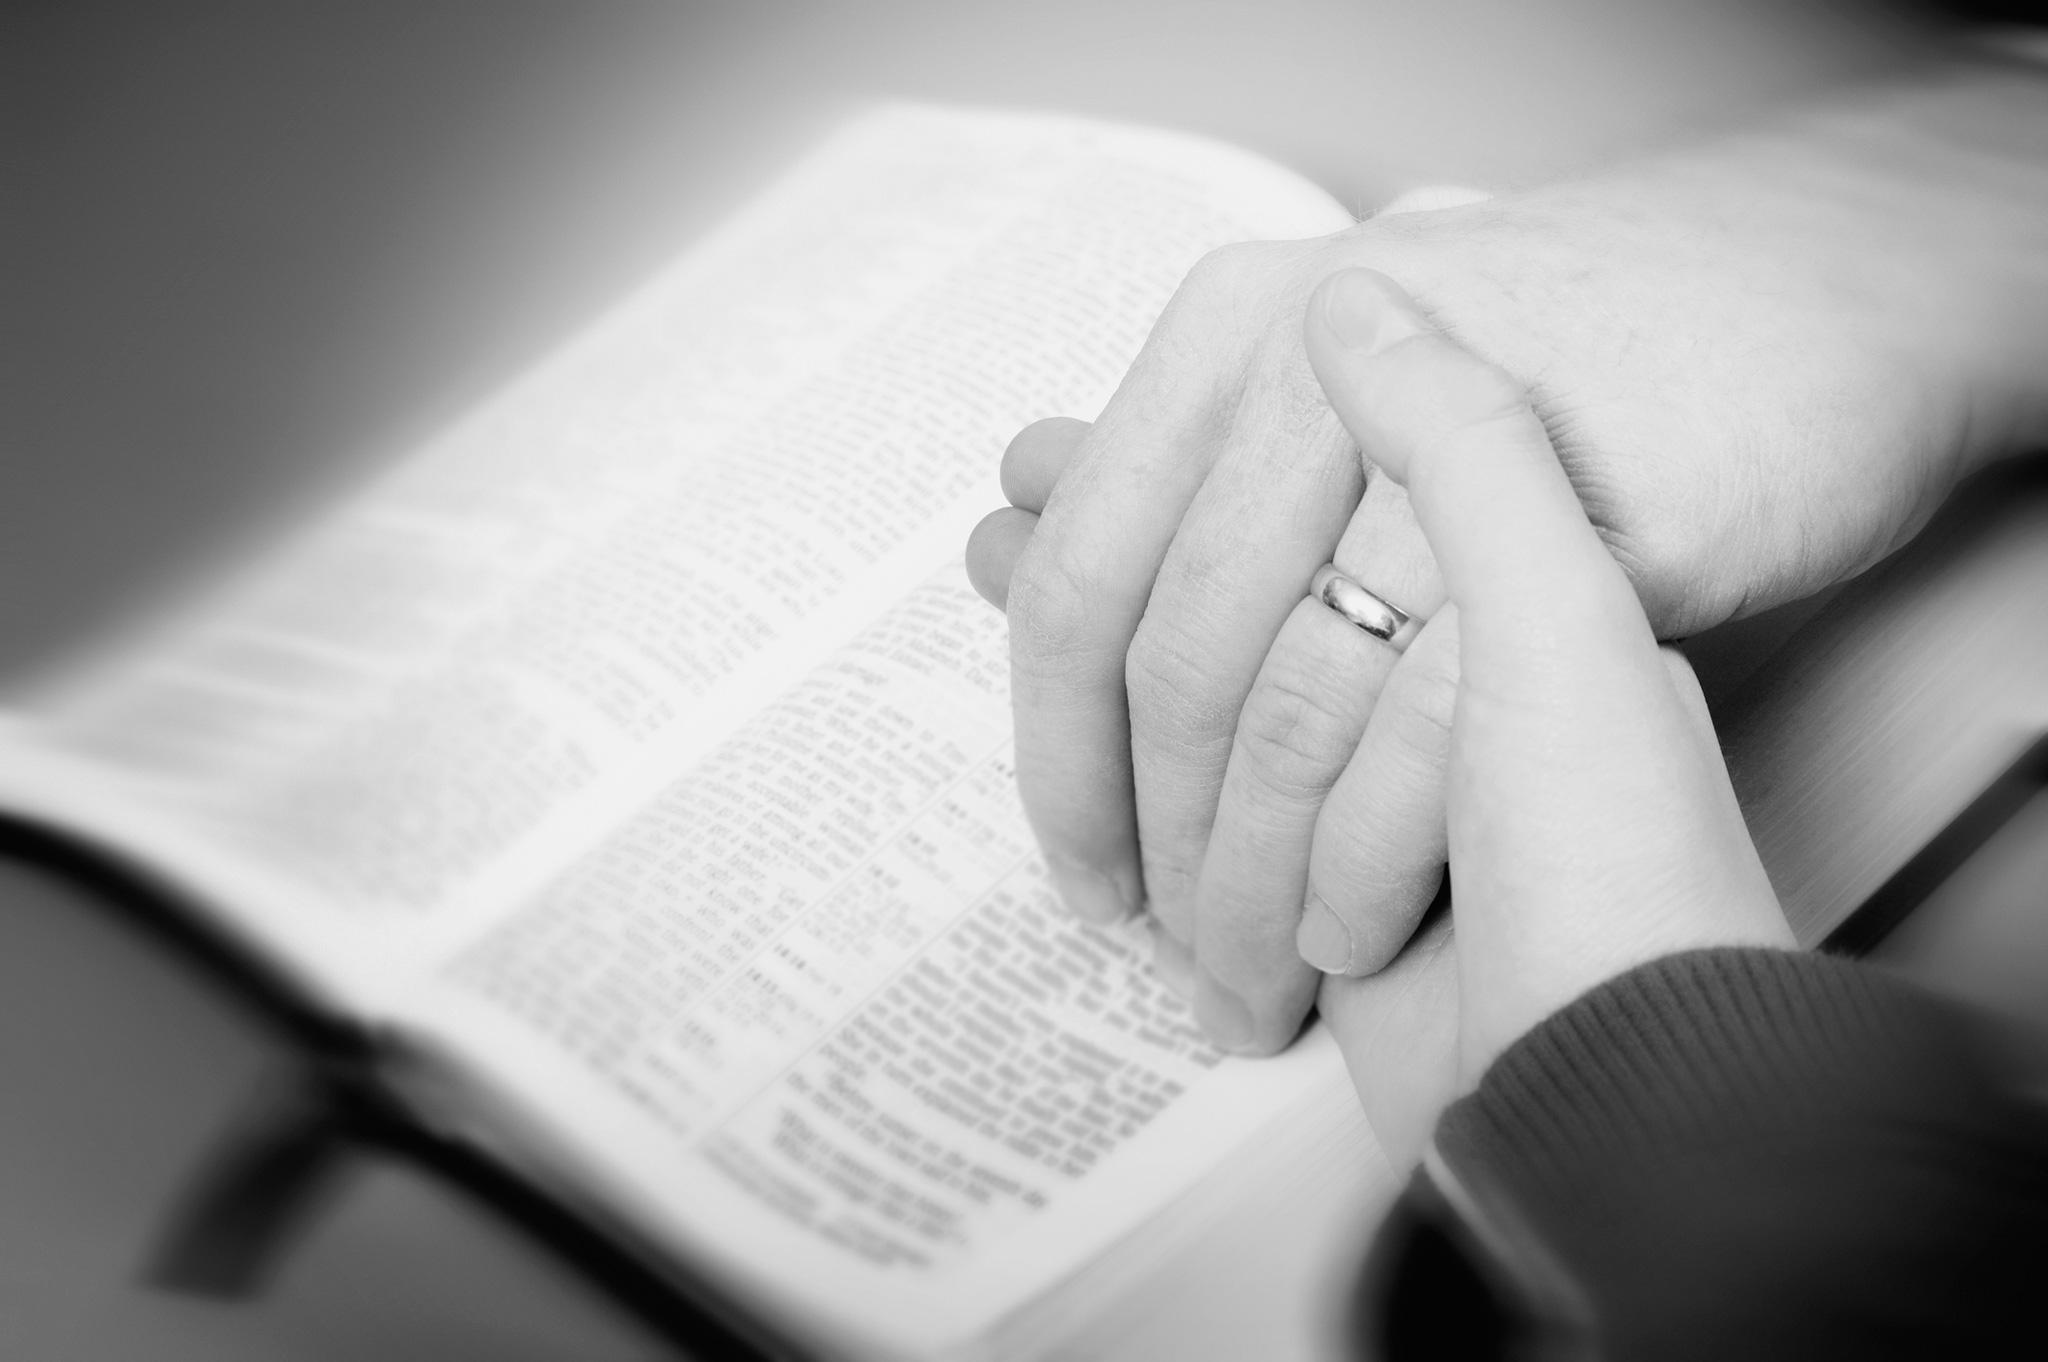 Biblia Y Matrimonio : Bendiciones bíblicas para los esposos bible